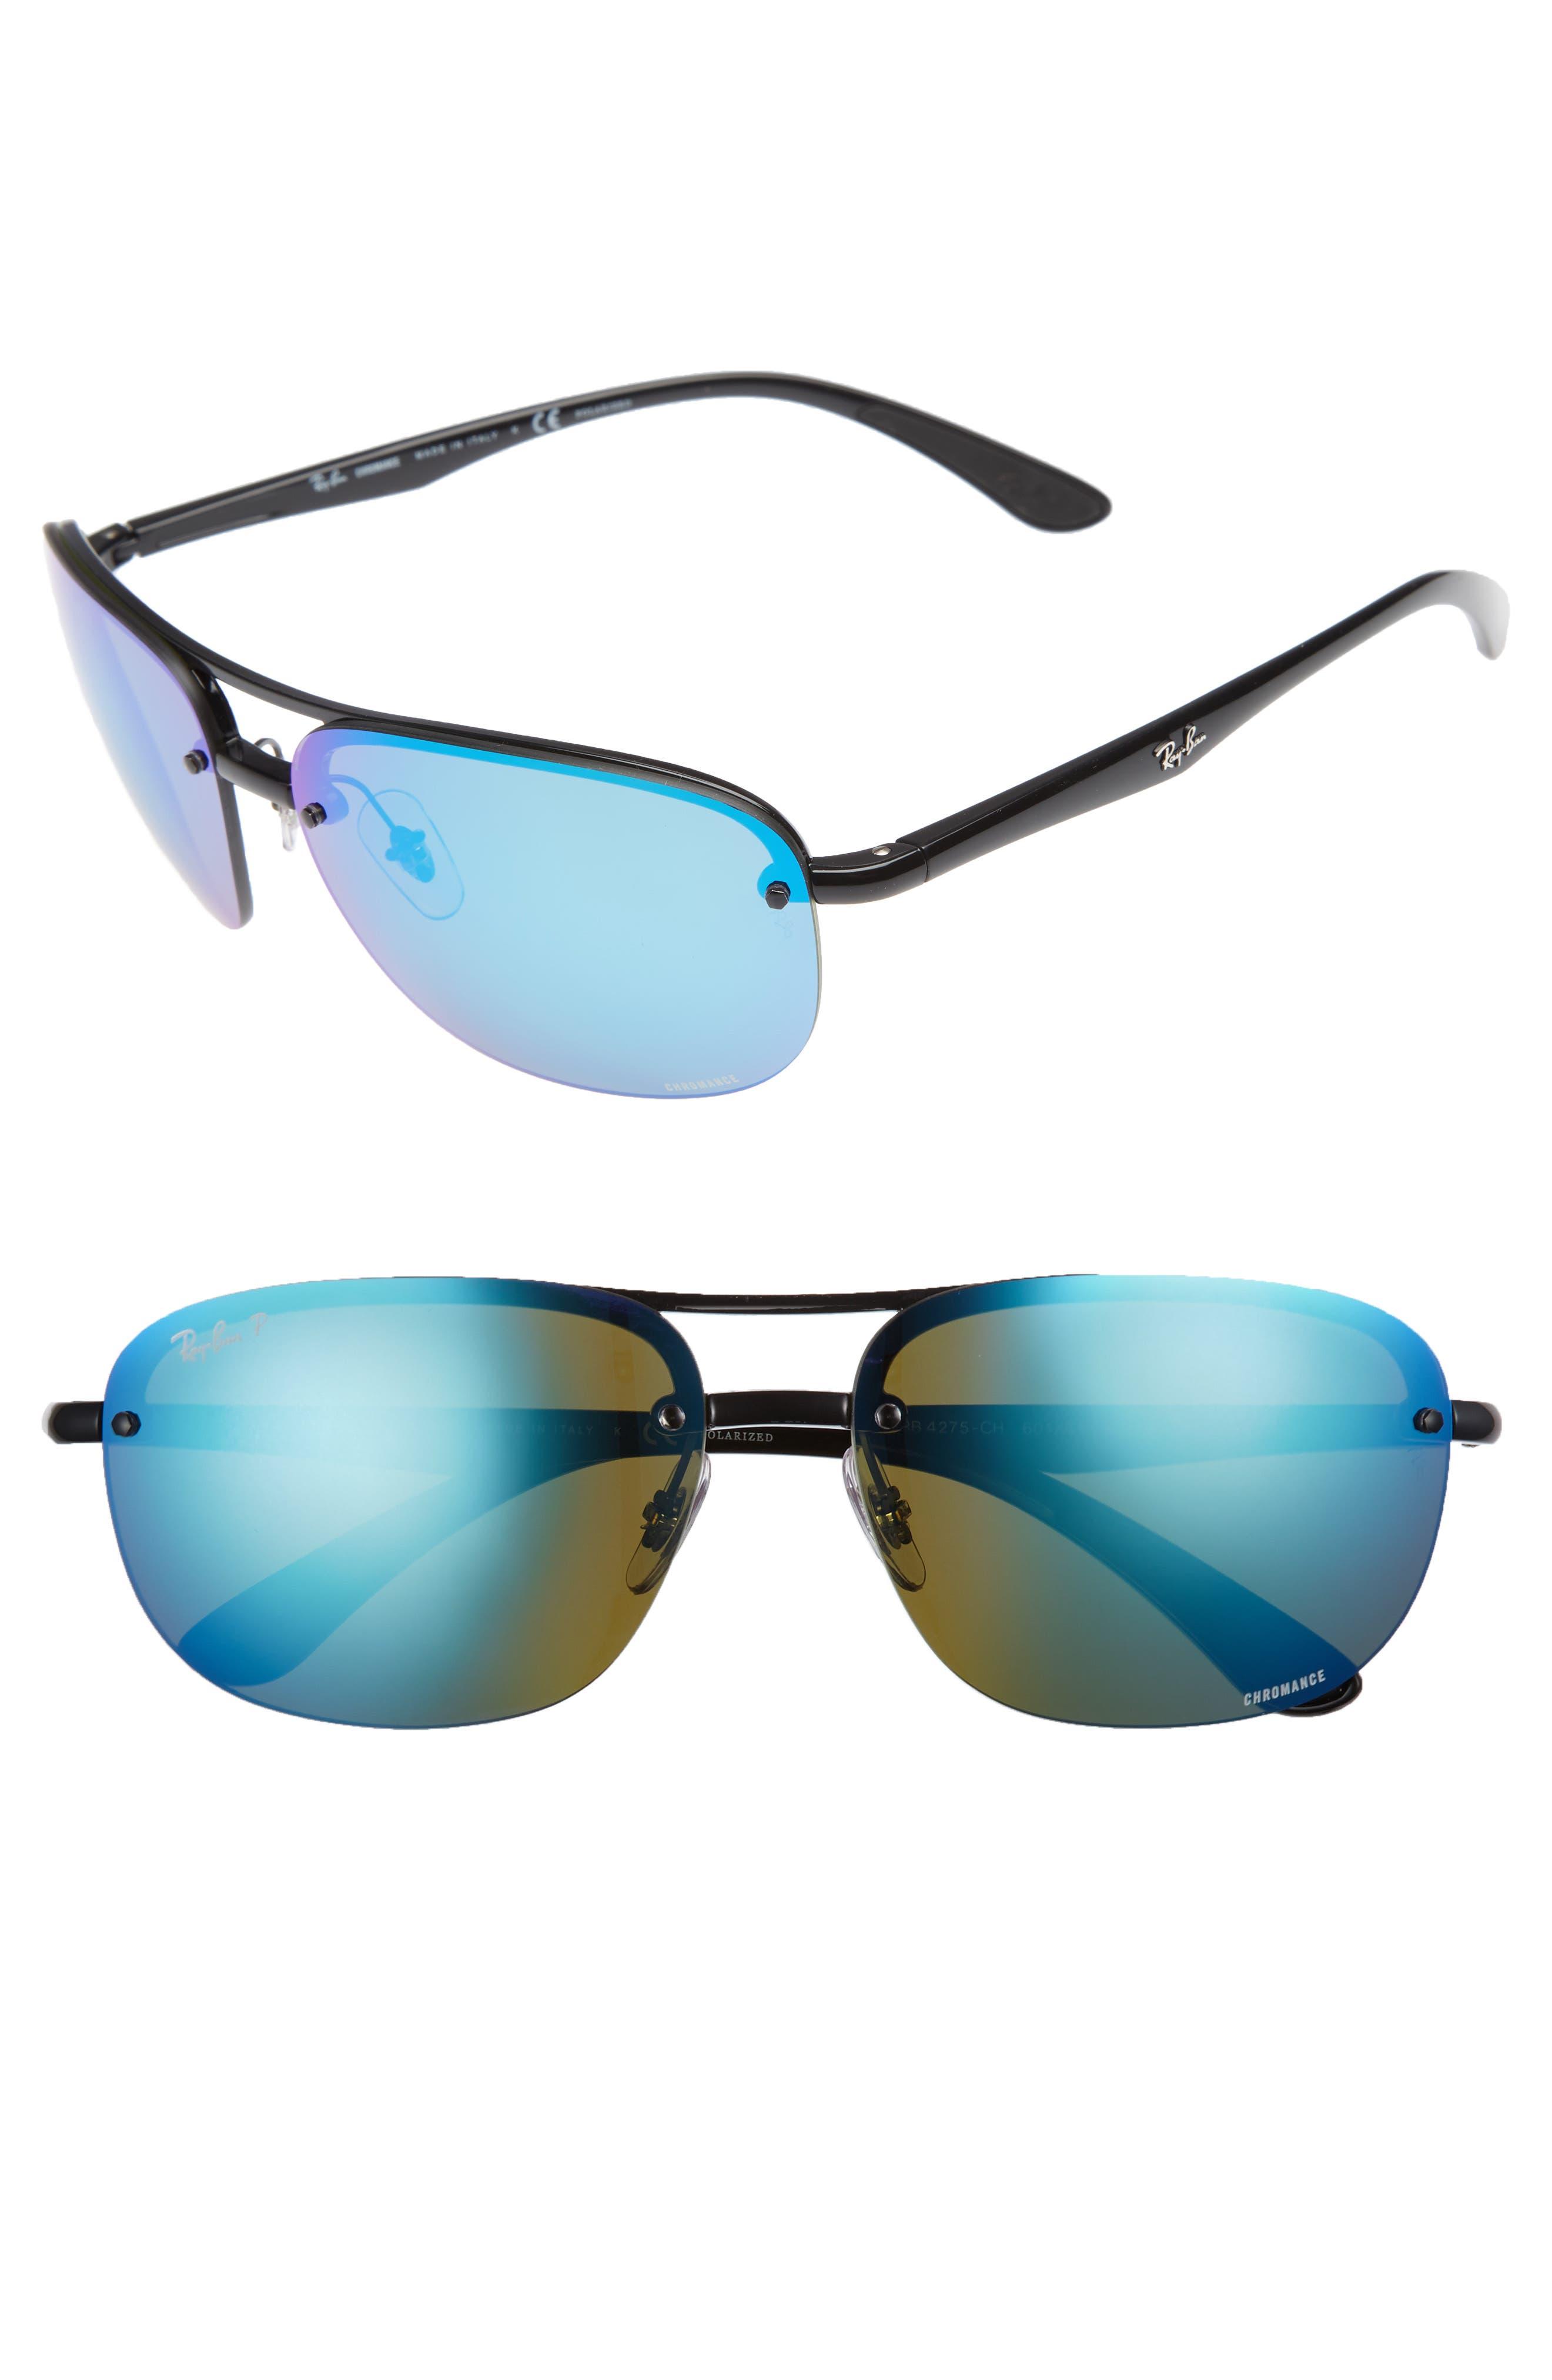 Chromance 63mm Polarized Square Sunglasses,                             Main thumbnail 1, color,                             Black